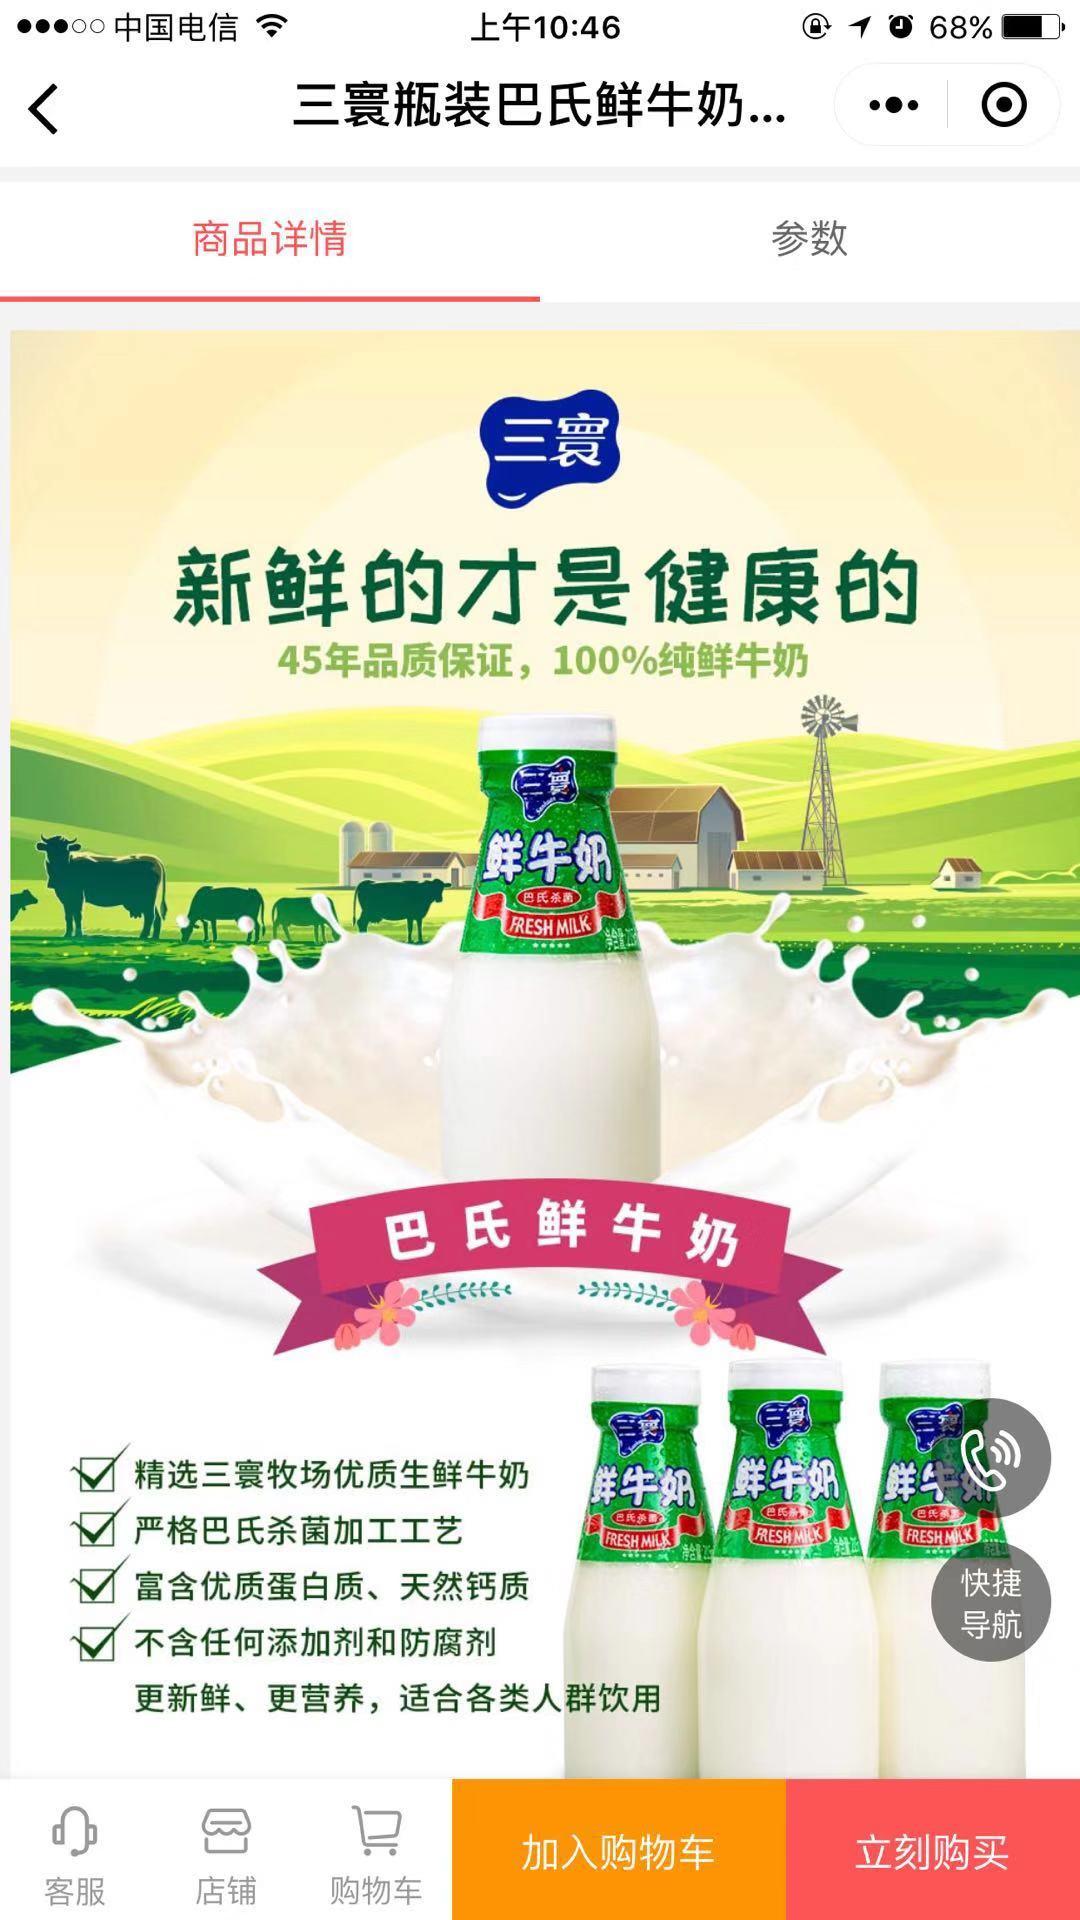 三寰牛奶集团